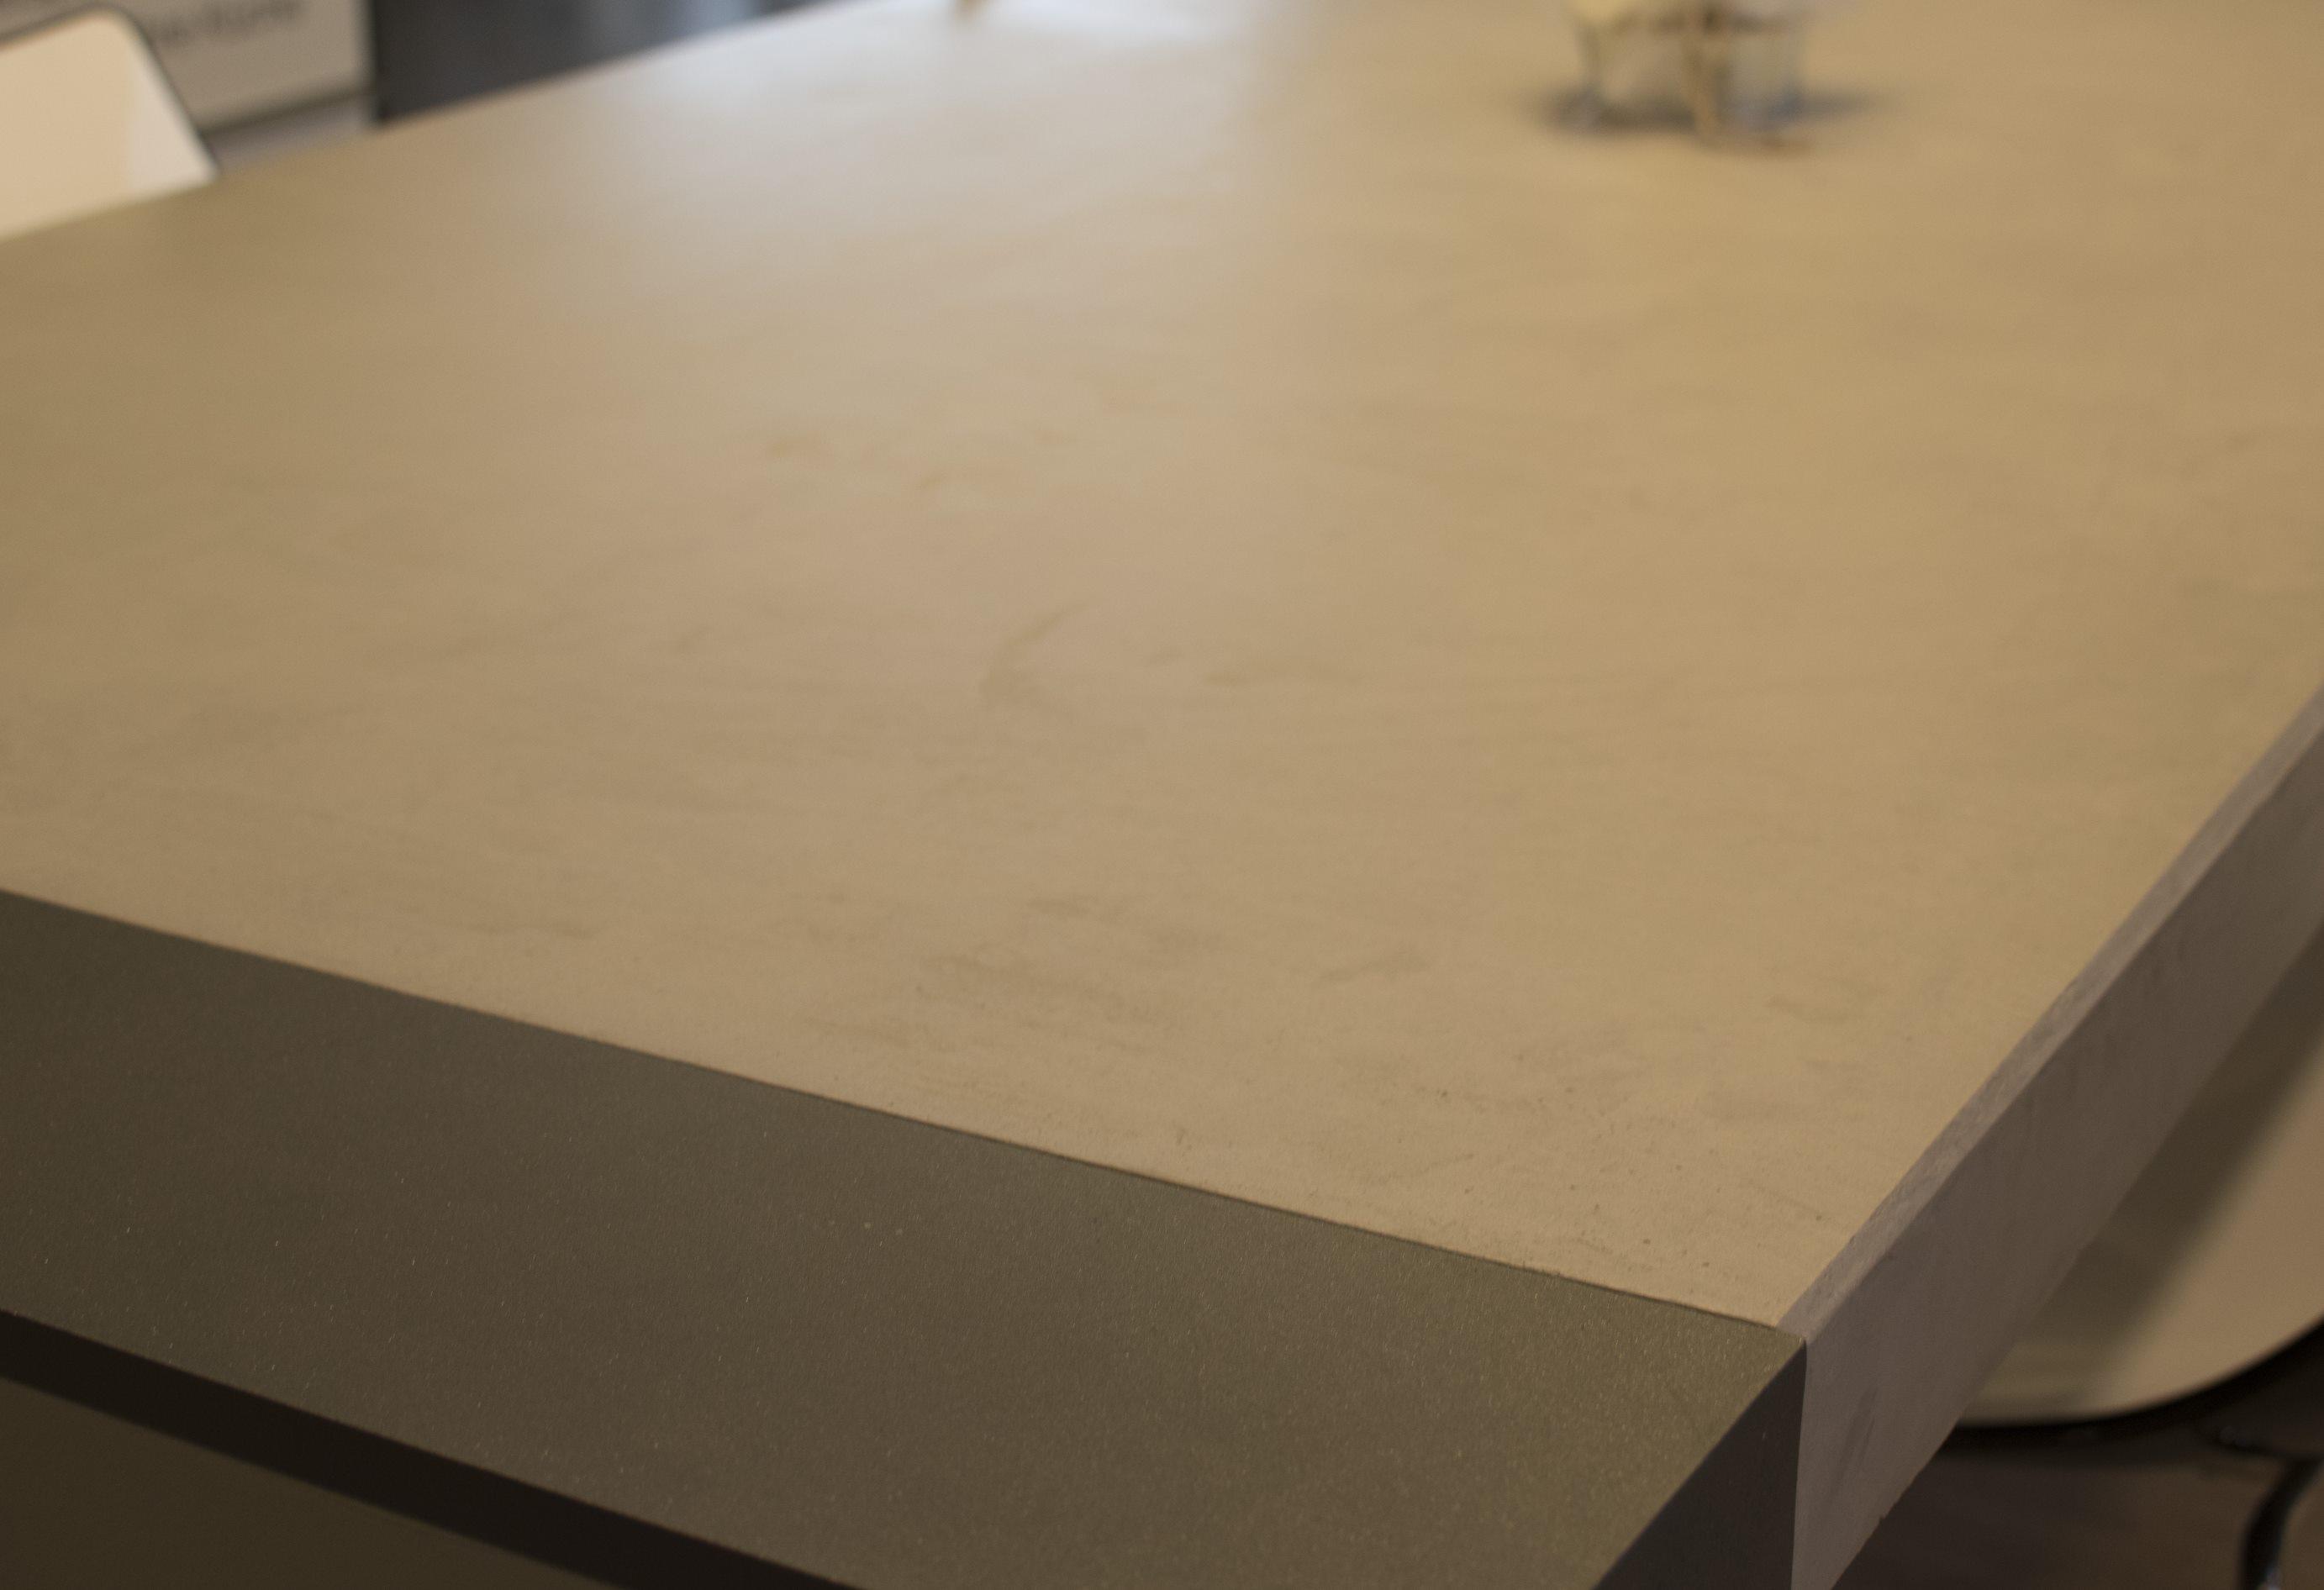 mainTisch-Beton-Tisch-Betontist-massTisch-Schreibtisch-Esstisch-Stahlrahmen4